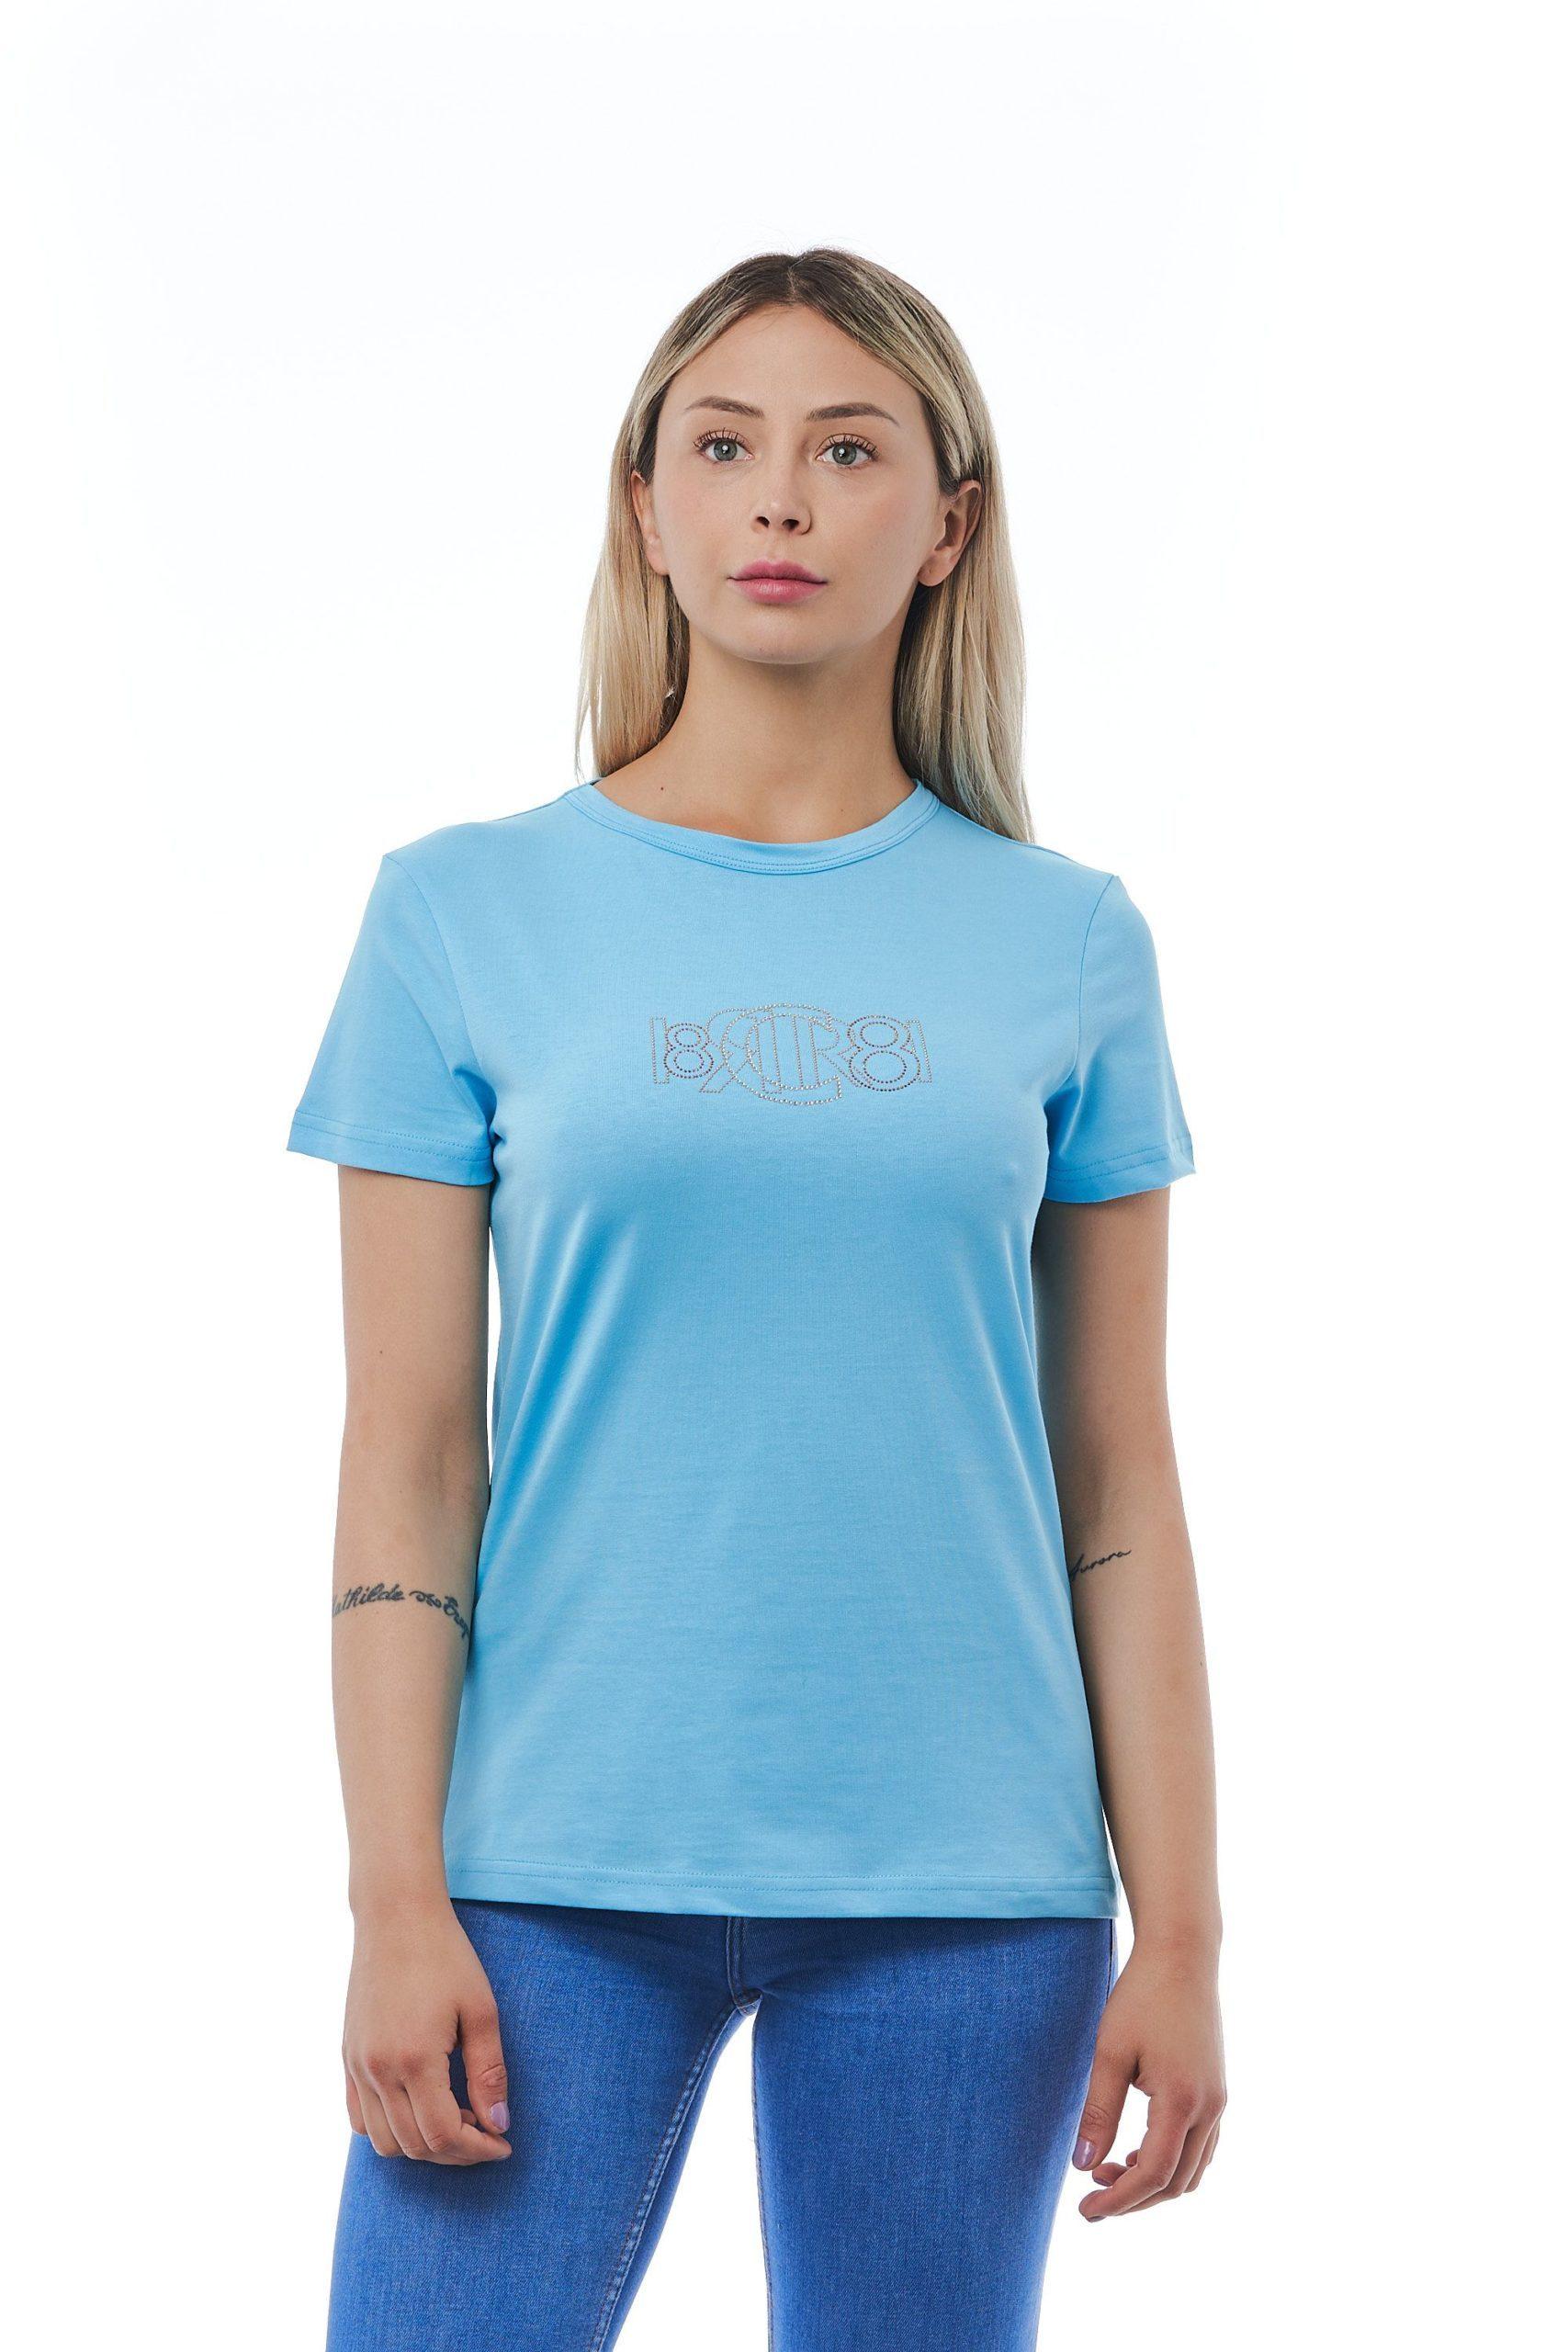 Cerruti 1881 Women's Azzurro T-Shirt Light Blue CE1410171 - L